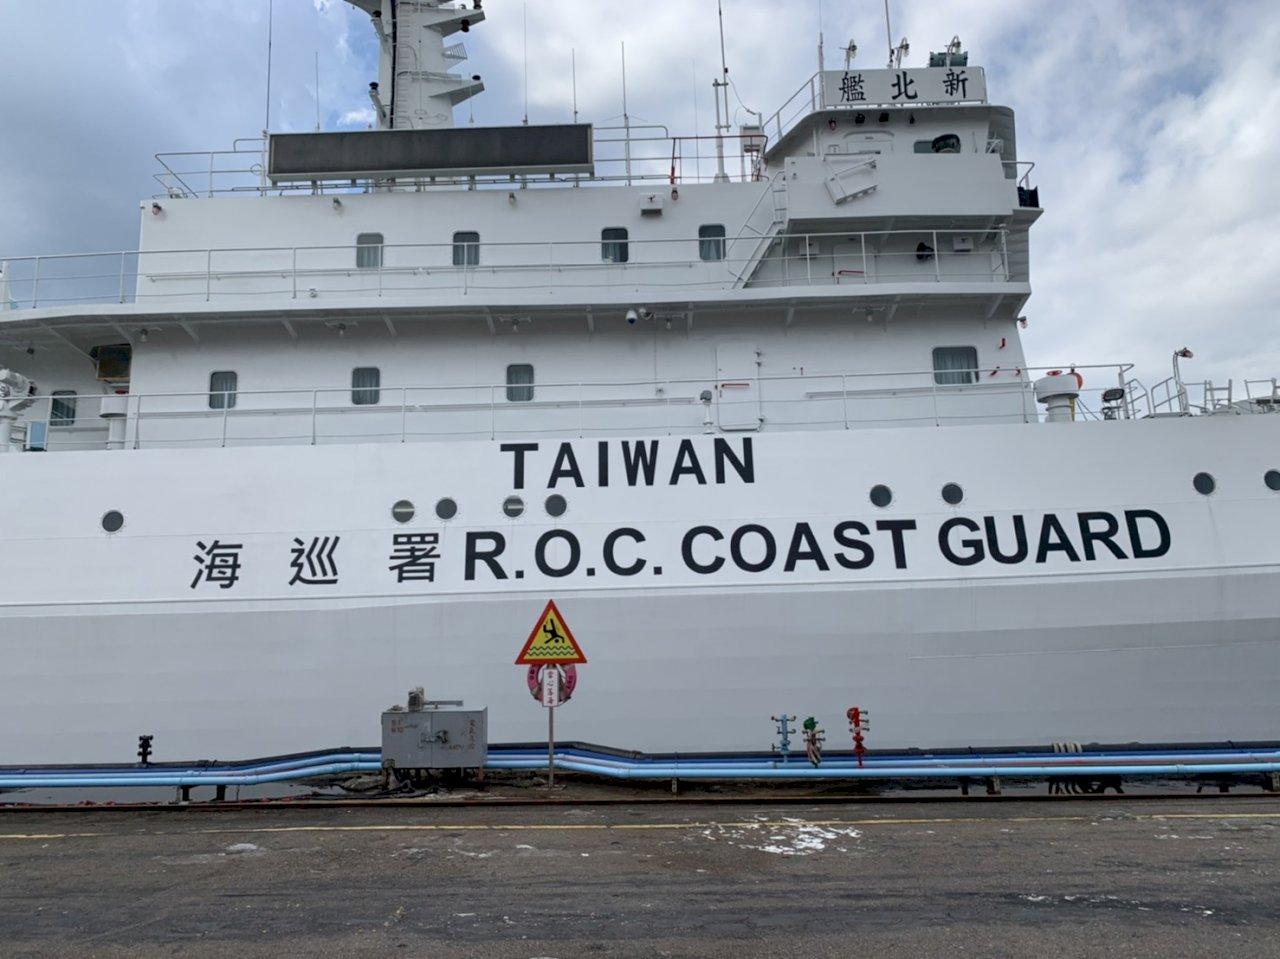 海巡塗裝加TAIWAN 蘇揆:增加巡護識別度 不是挑釁